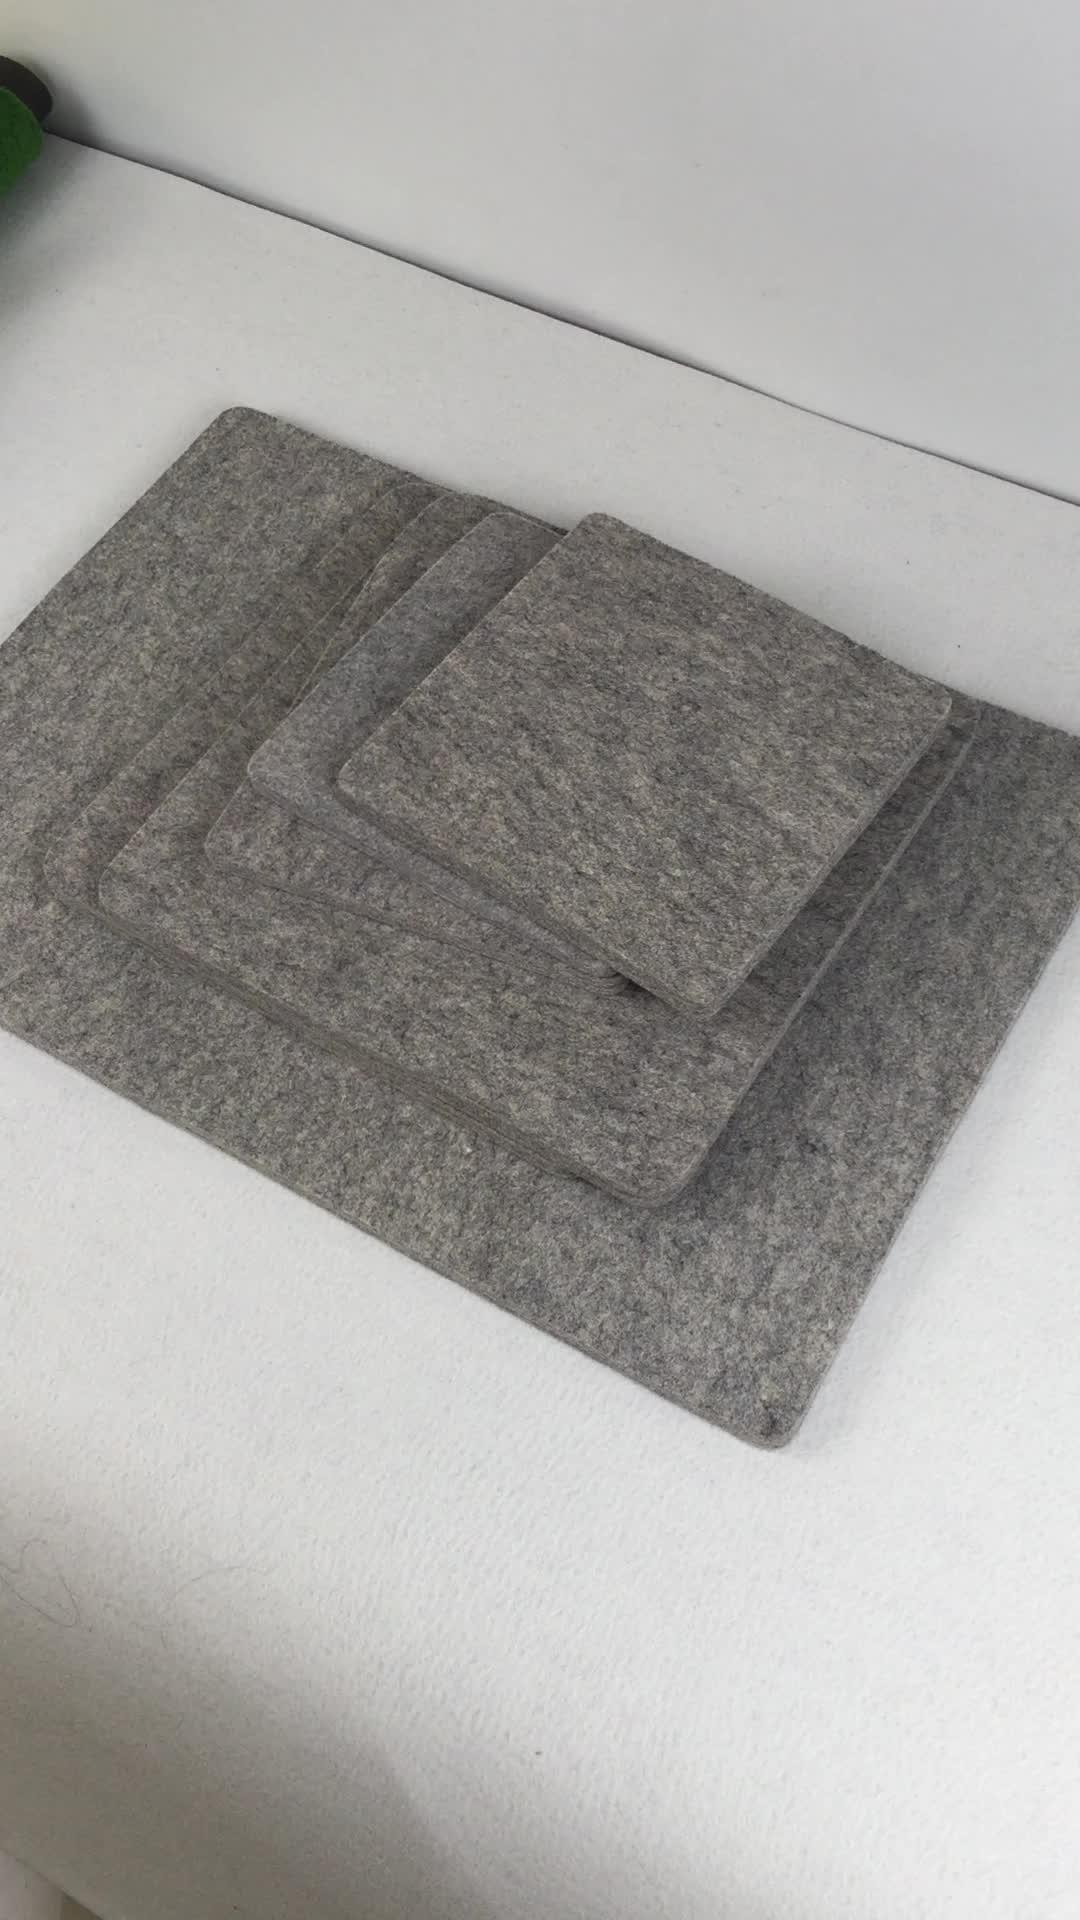 3/4 inch Dikke Wol Drukken Mat Vervilte Strijkplank Pad 17*24 inch